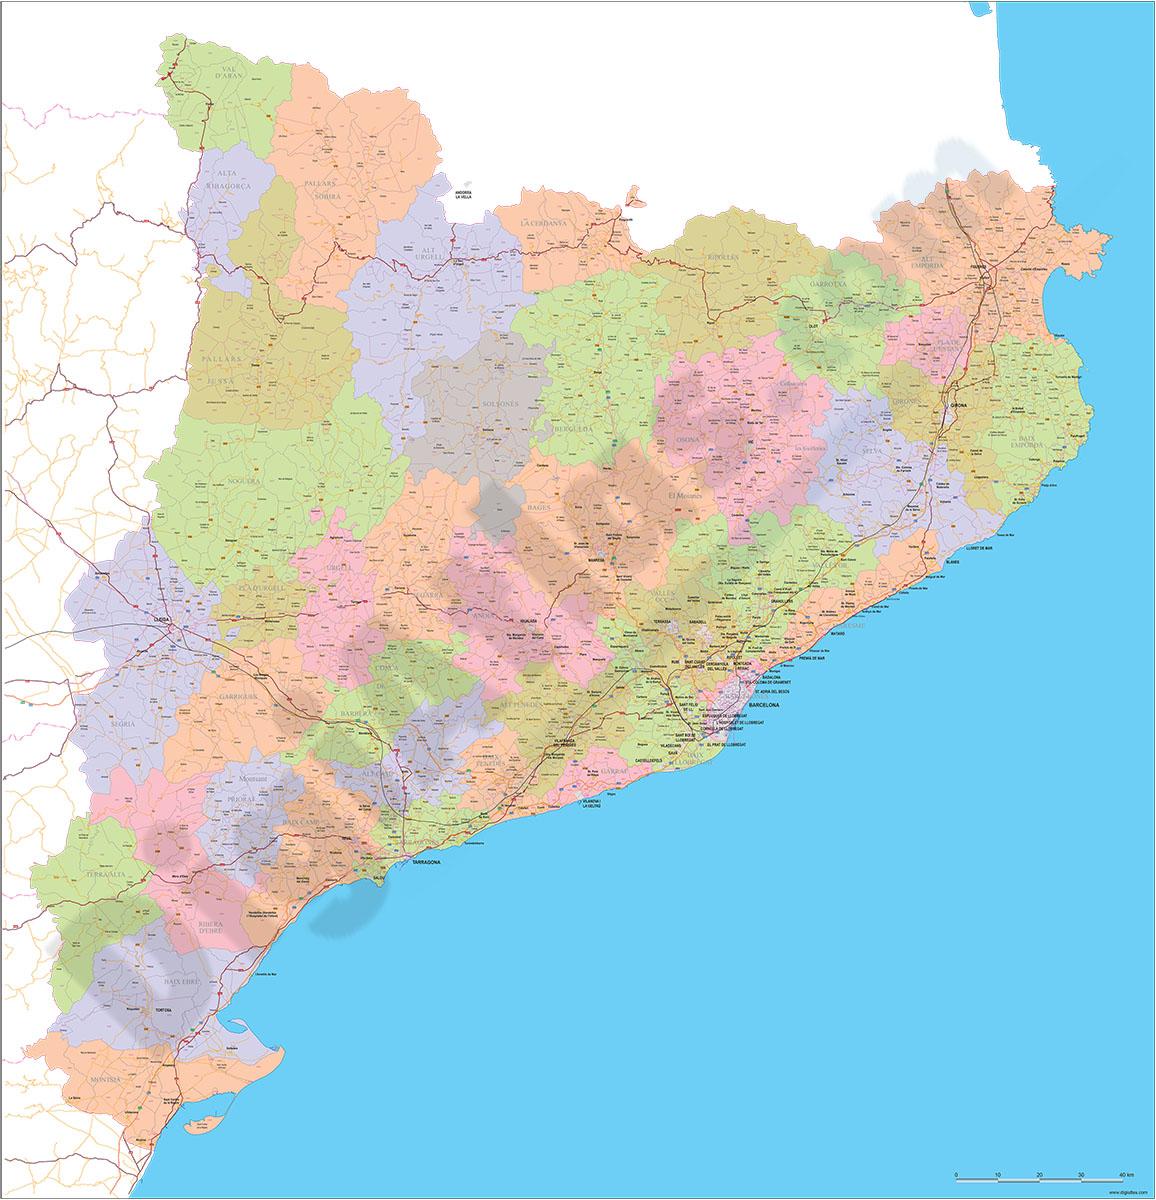 Cataluña - Mapa de códigos postales con comarcas, municipios y carreteras